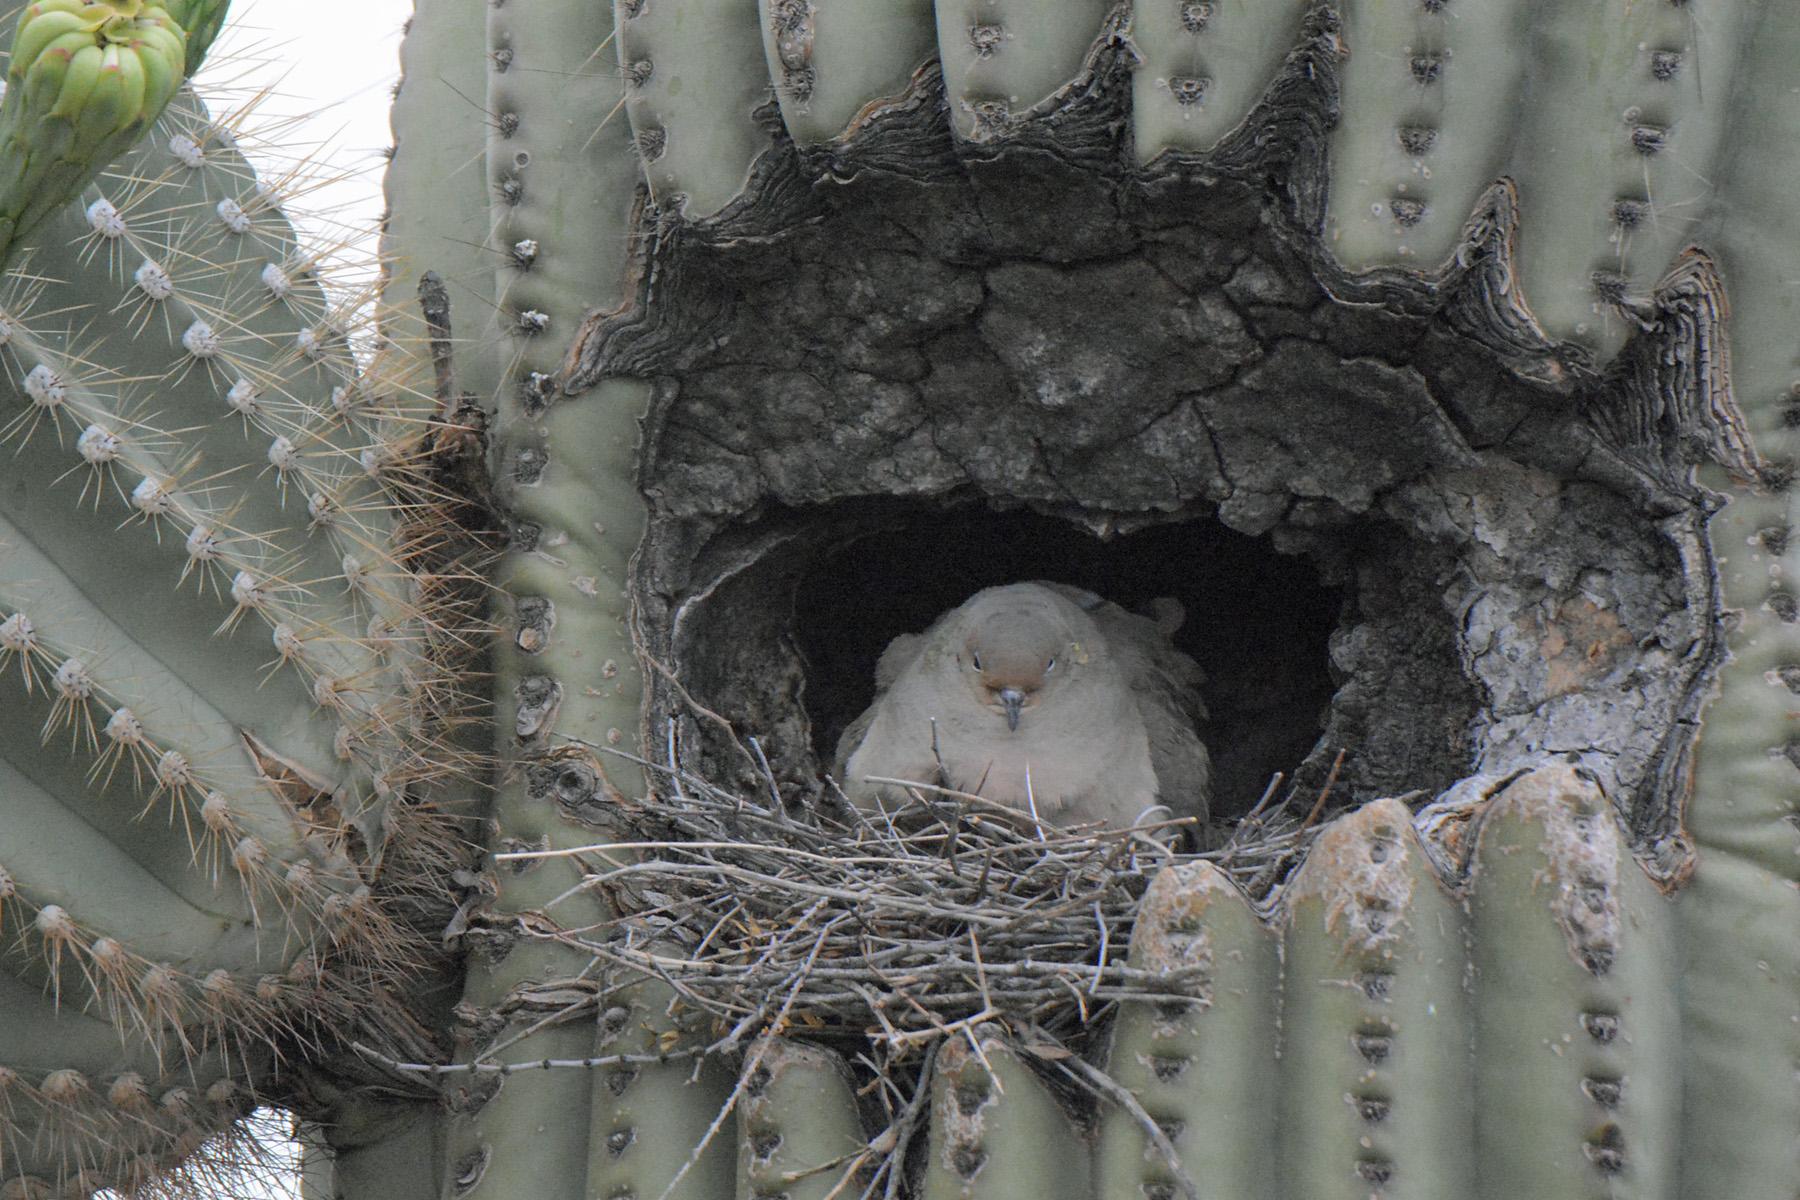 Dove in Nest